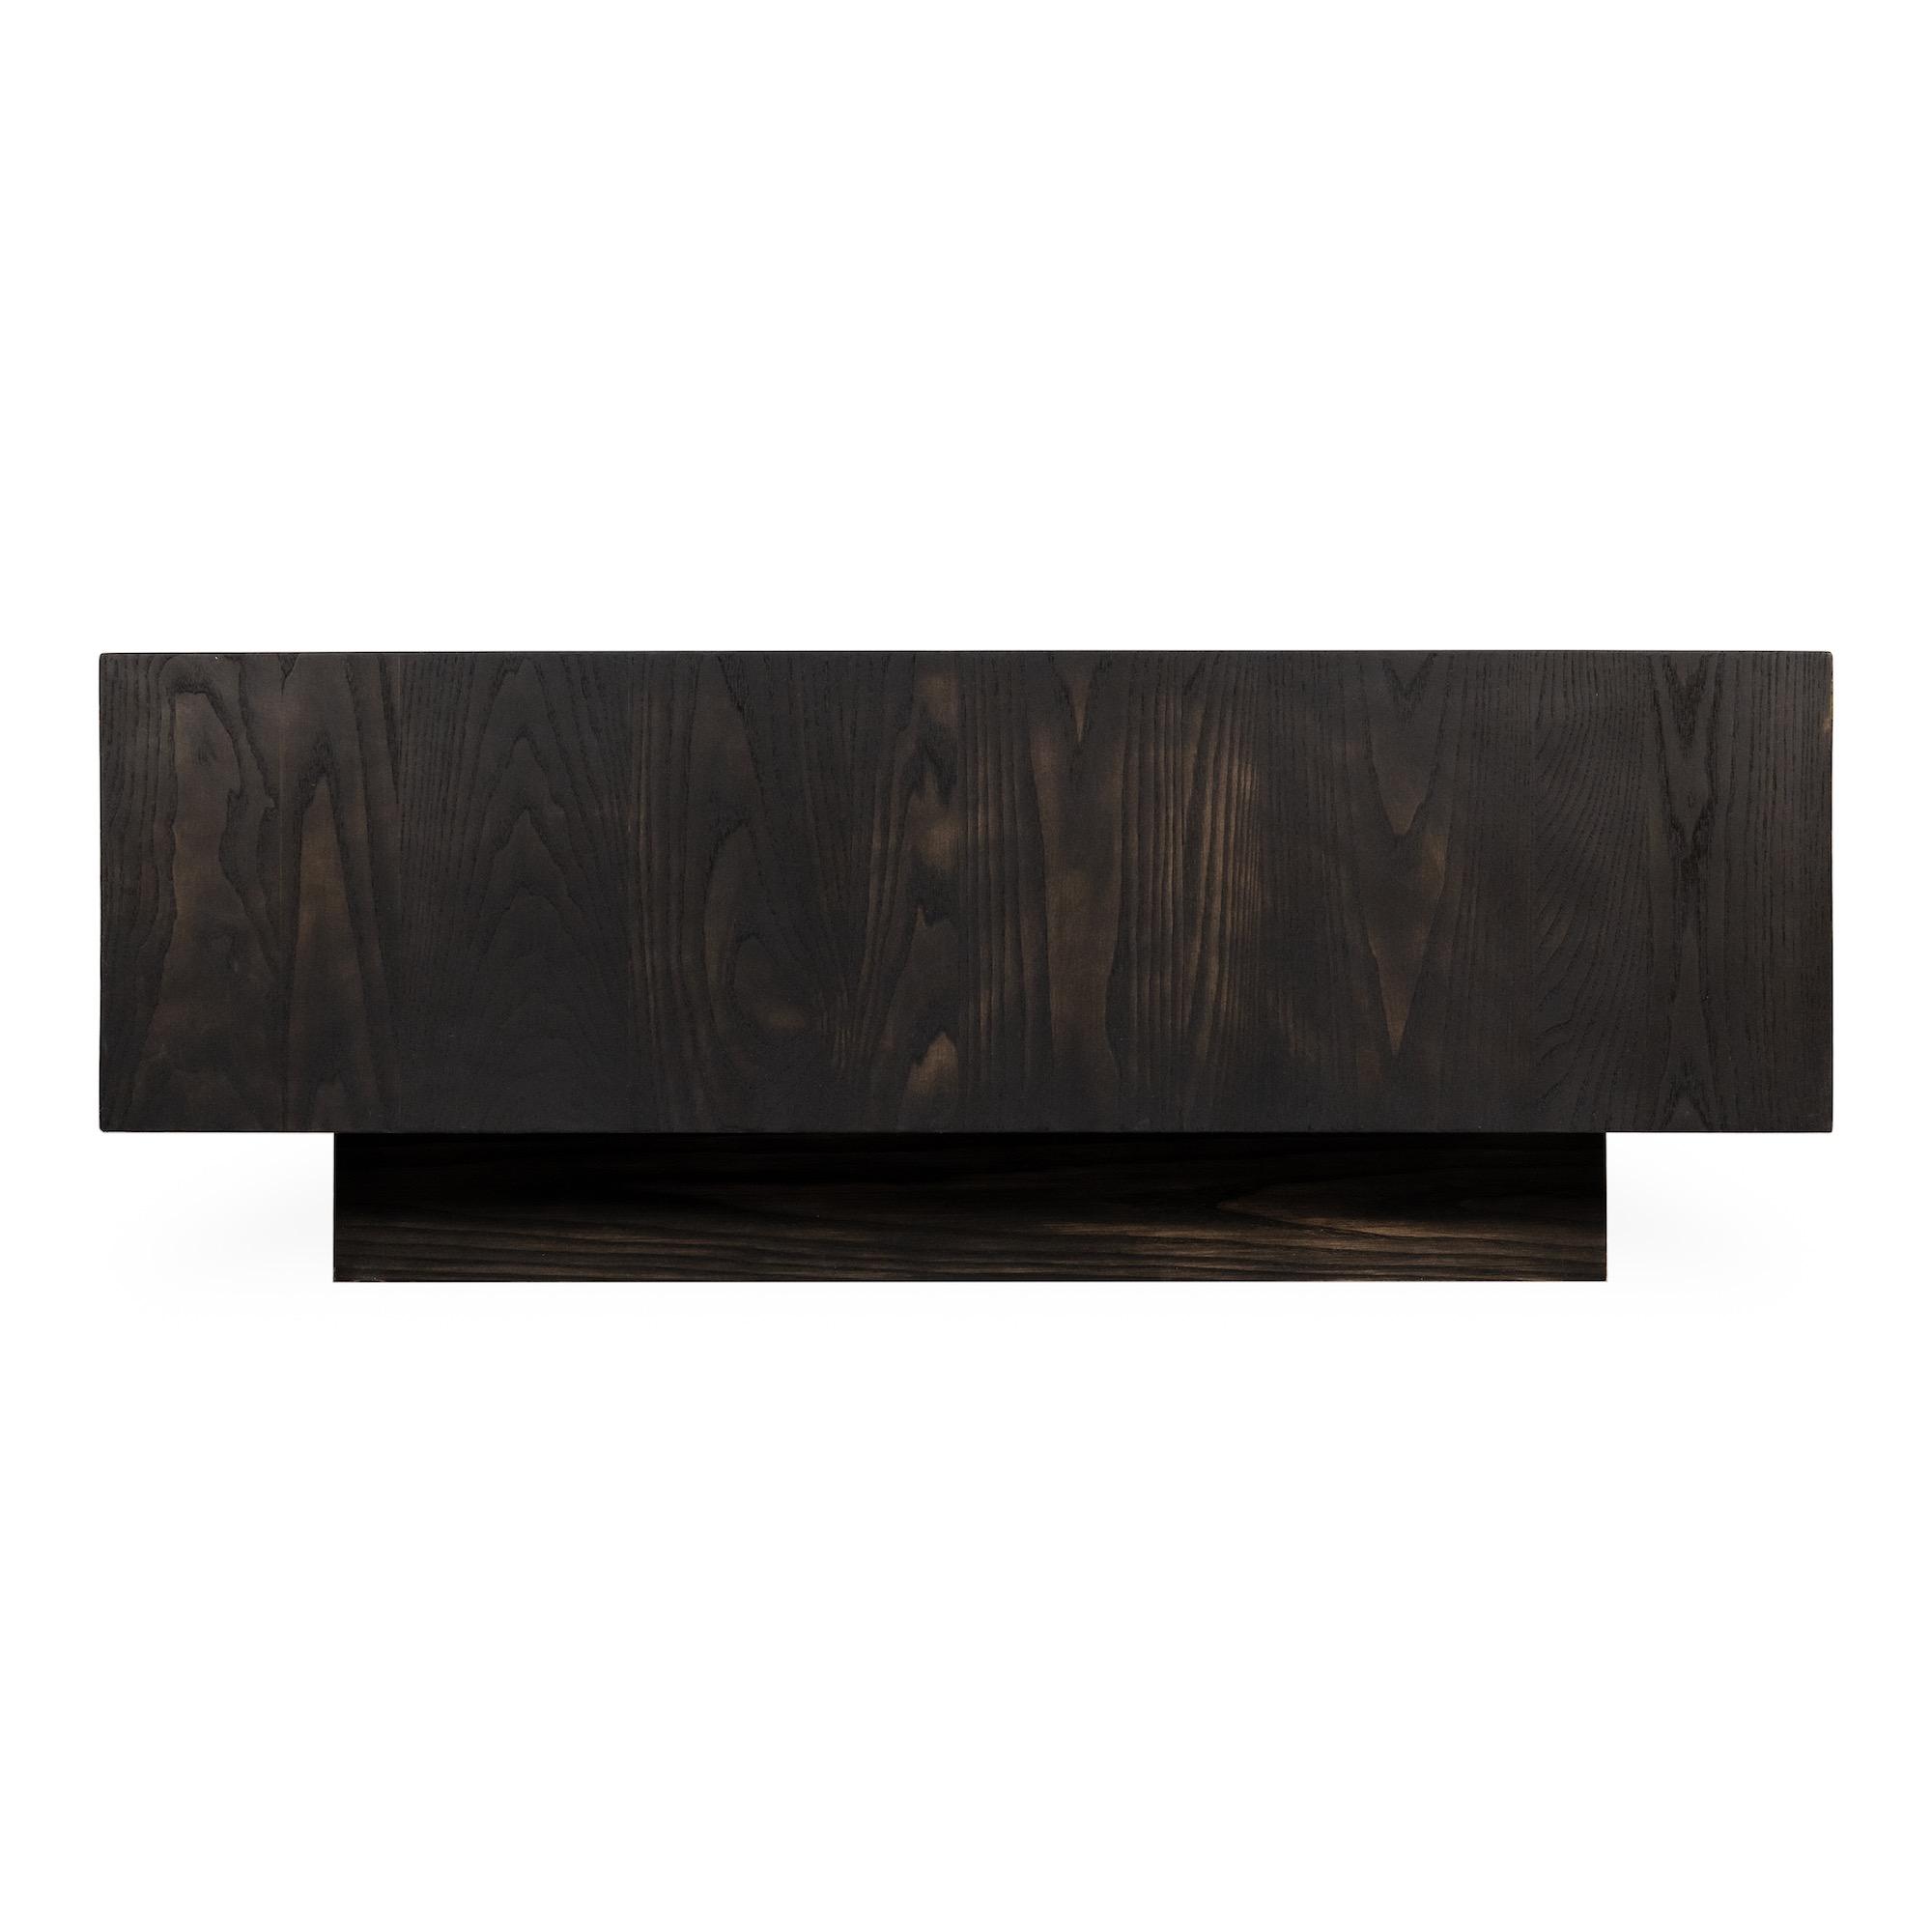 Woodcraft_Furniture_TofinoCoffeeTable-2-1.jpeg